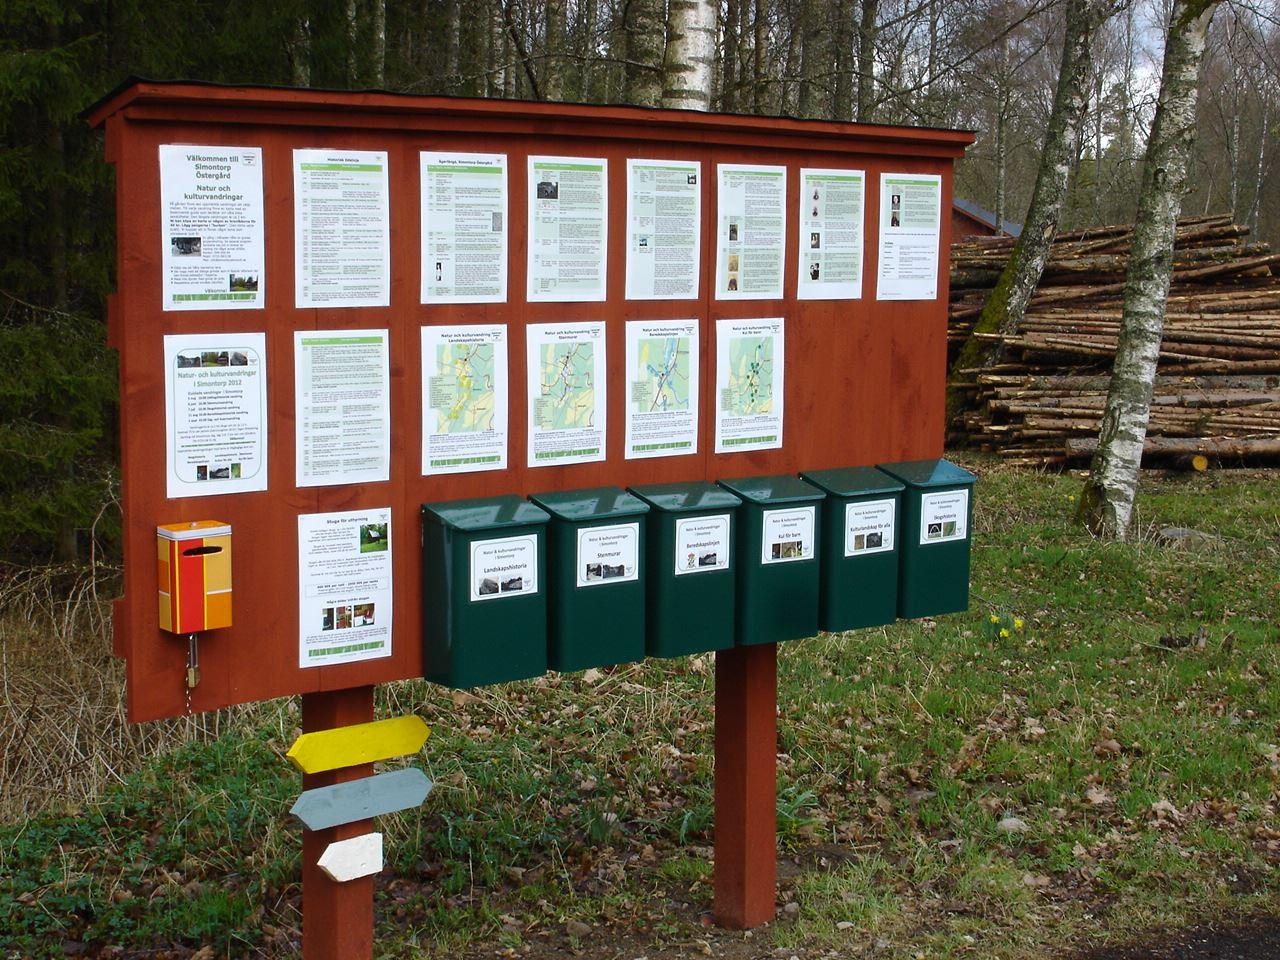 © Simontorp Konsult AB, Välkomstskylten för egenvandringarna i Simontorp